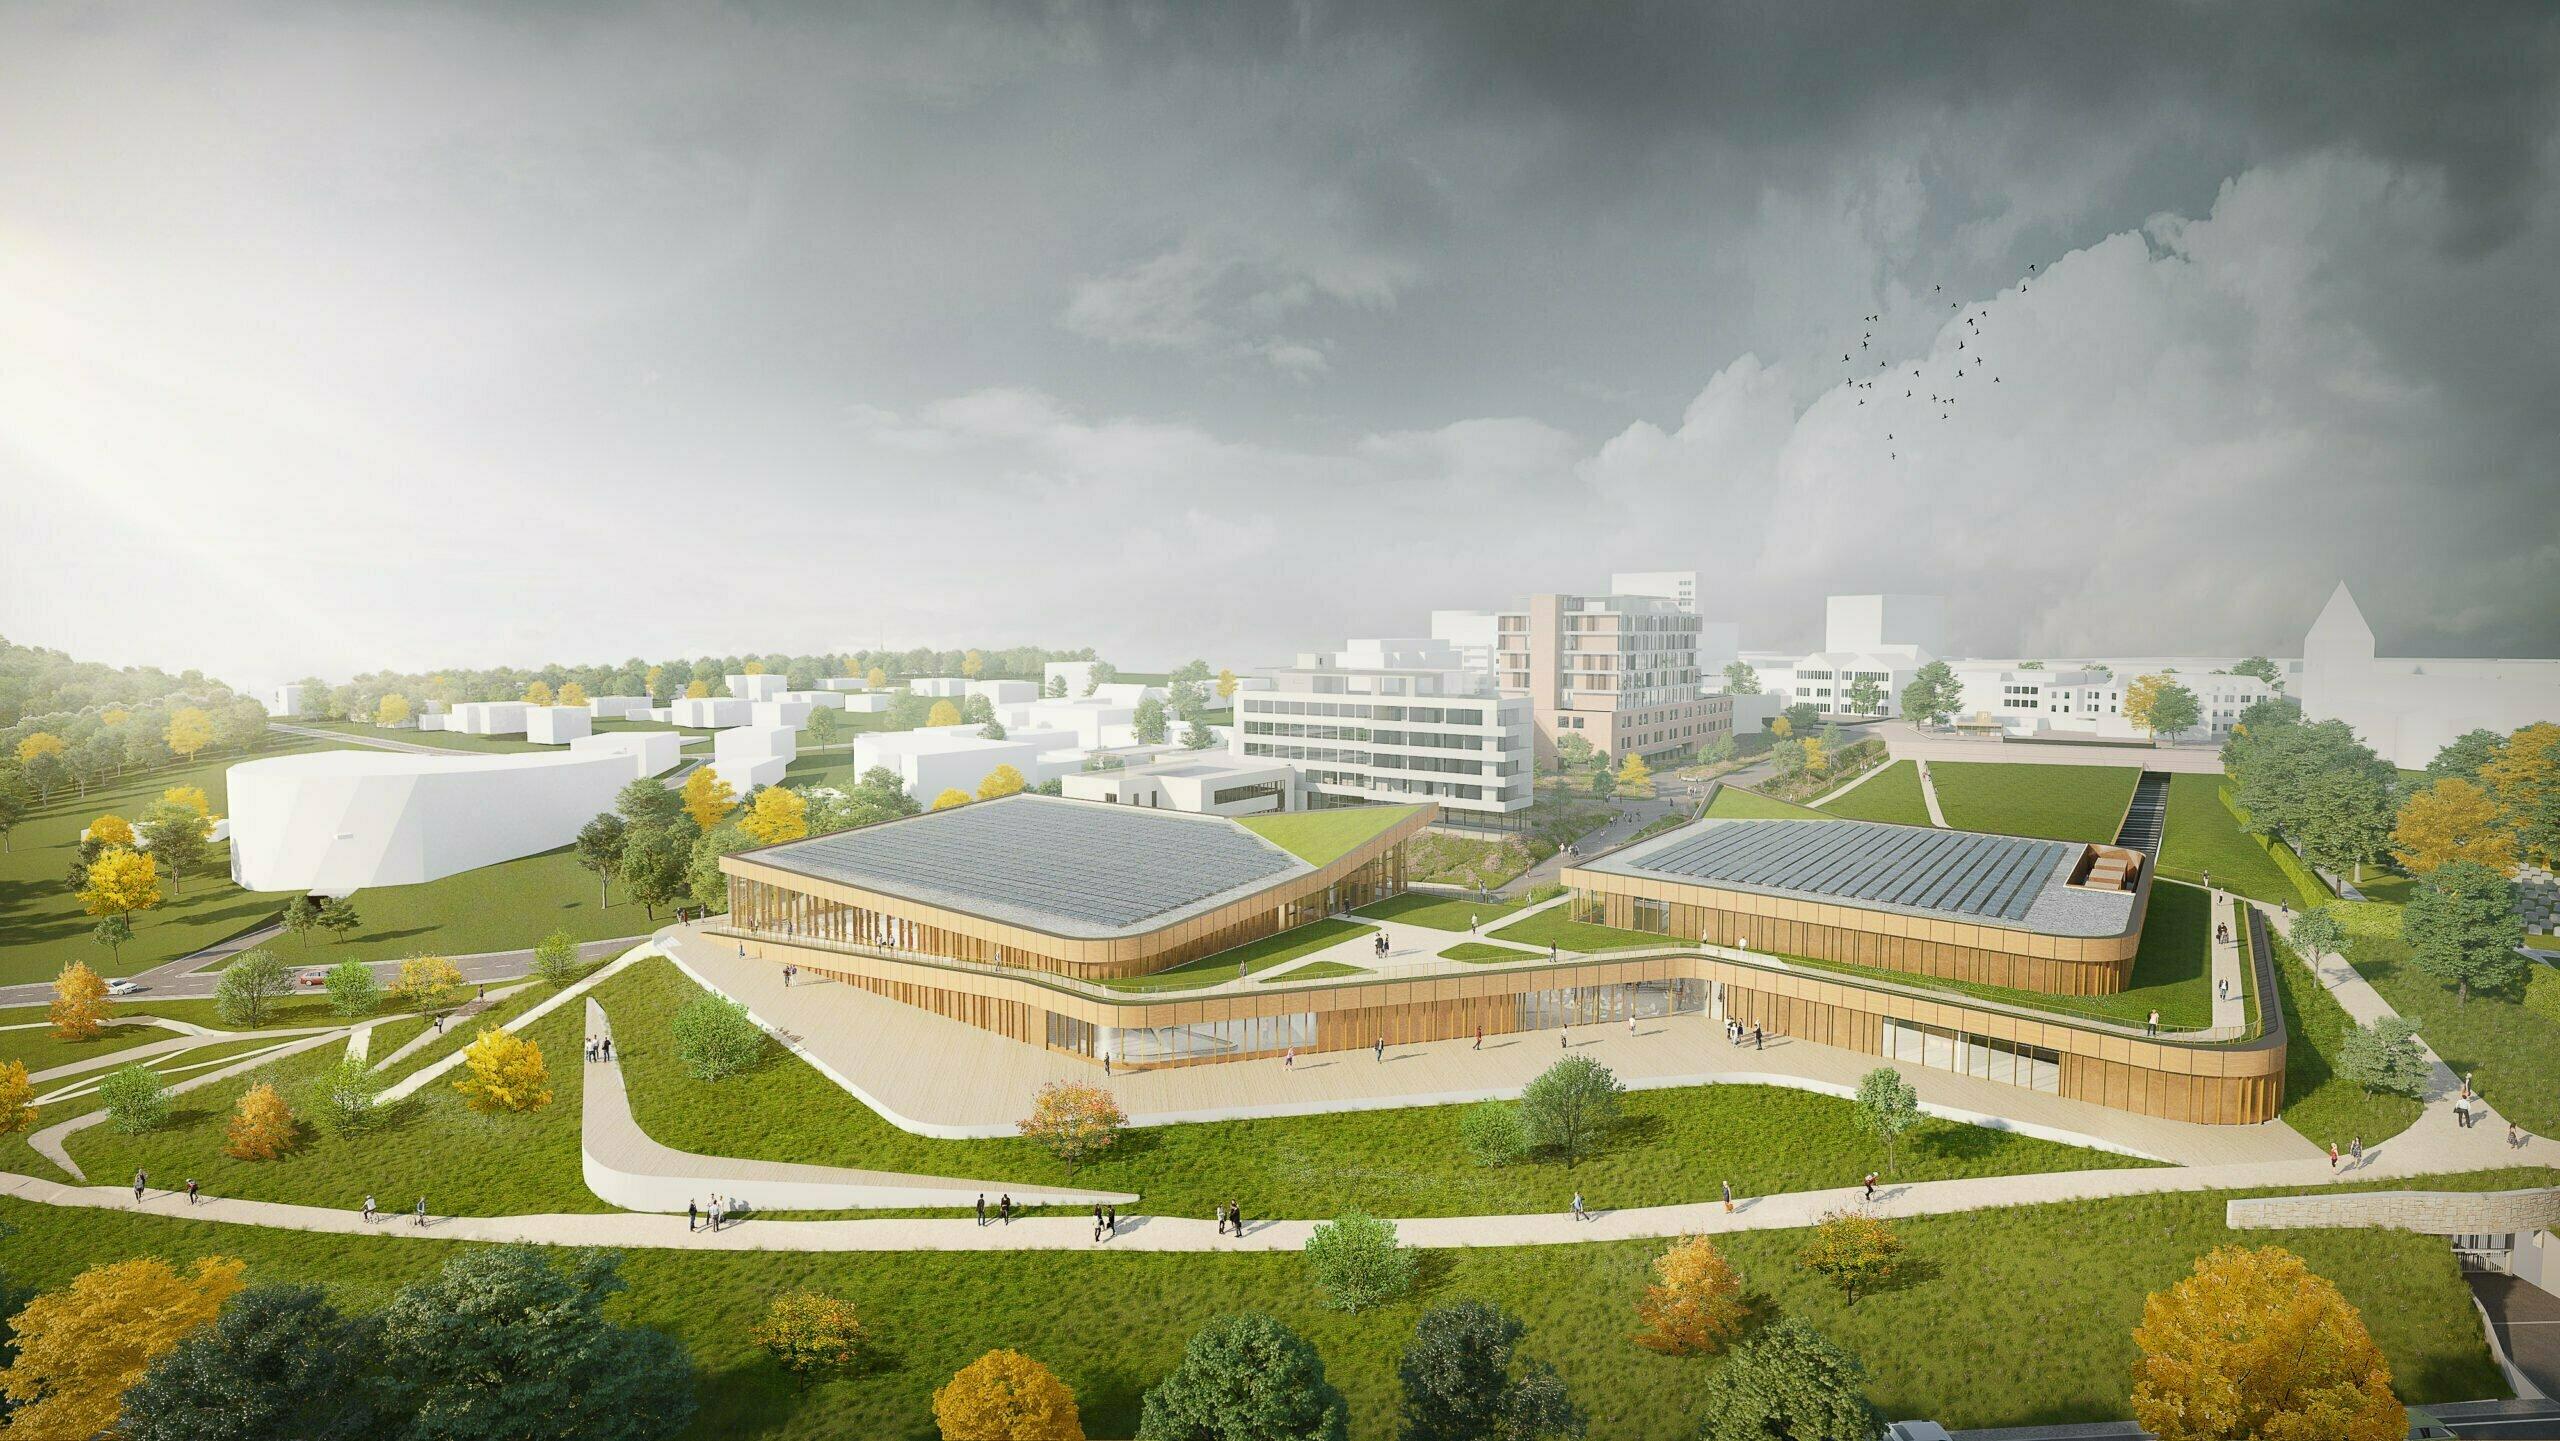 Vie, hèt kennis- en expertisecentrum op het gebied van gezondheid en vitaliteit voor de regio